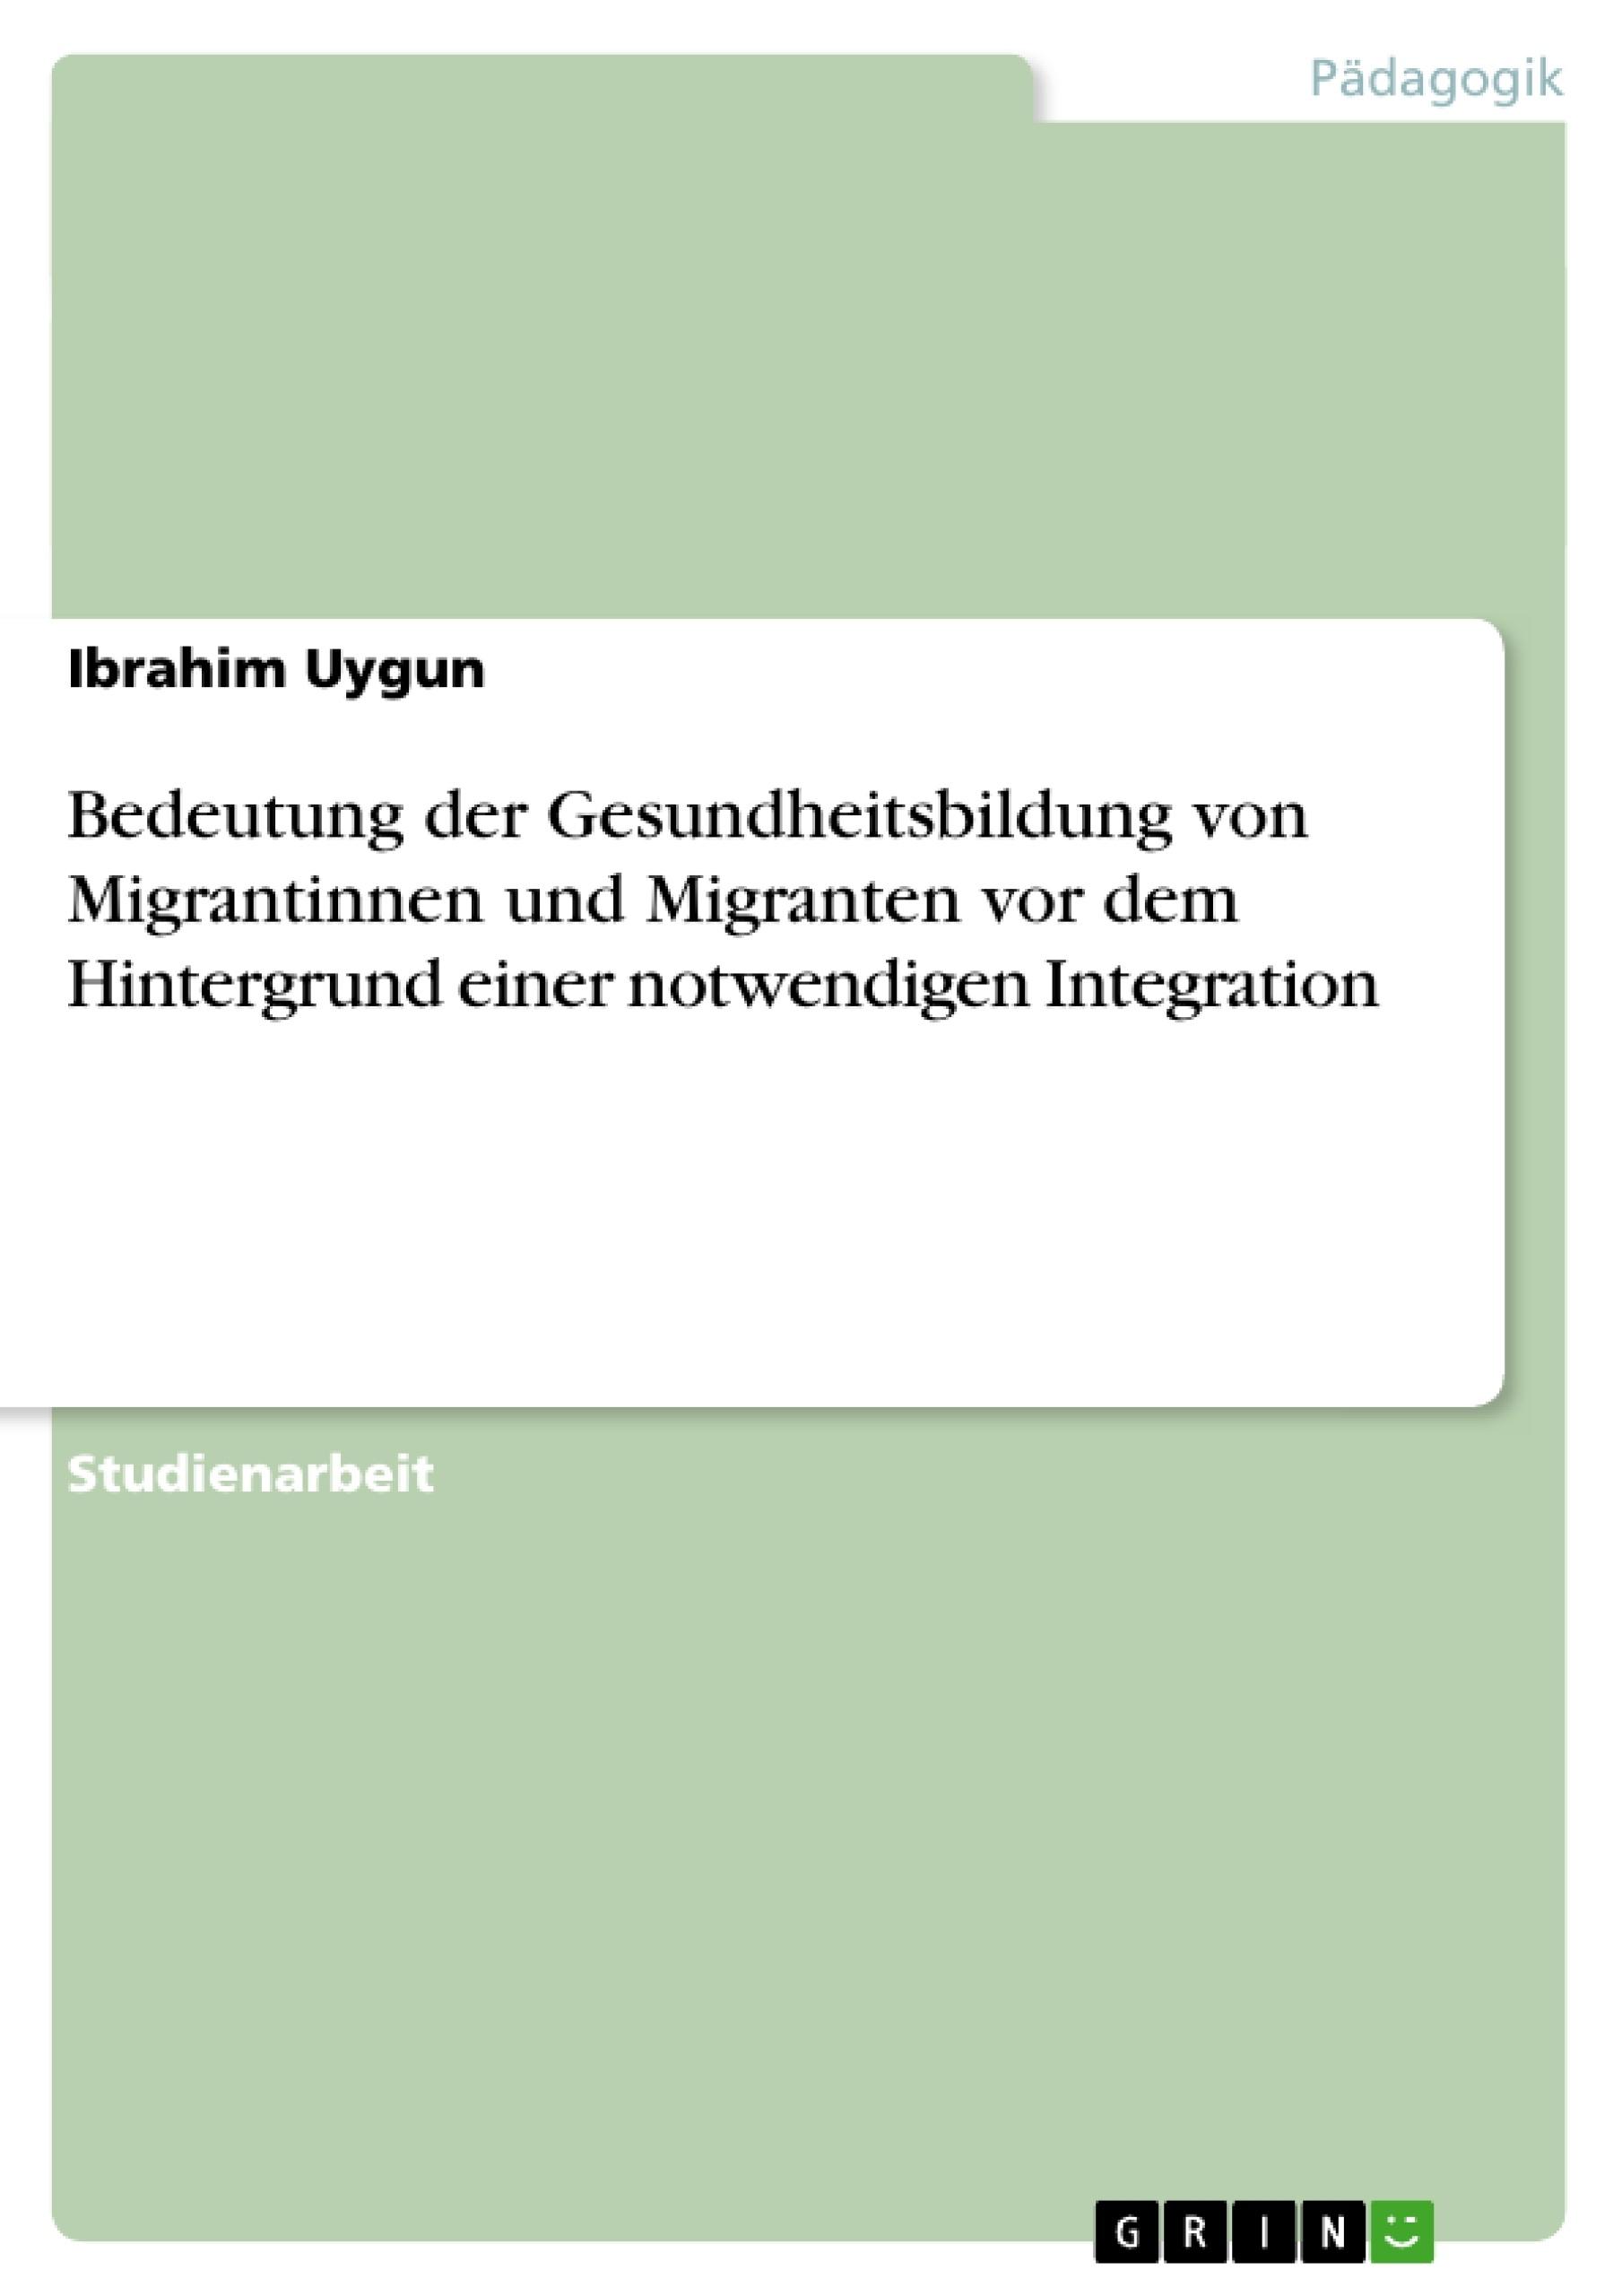 Titel: Bedeutung der Gesundheitsbildung von Migrantinnen und Migranten vor dem Hintergrund einer notwendigen Integration